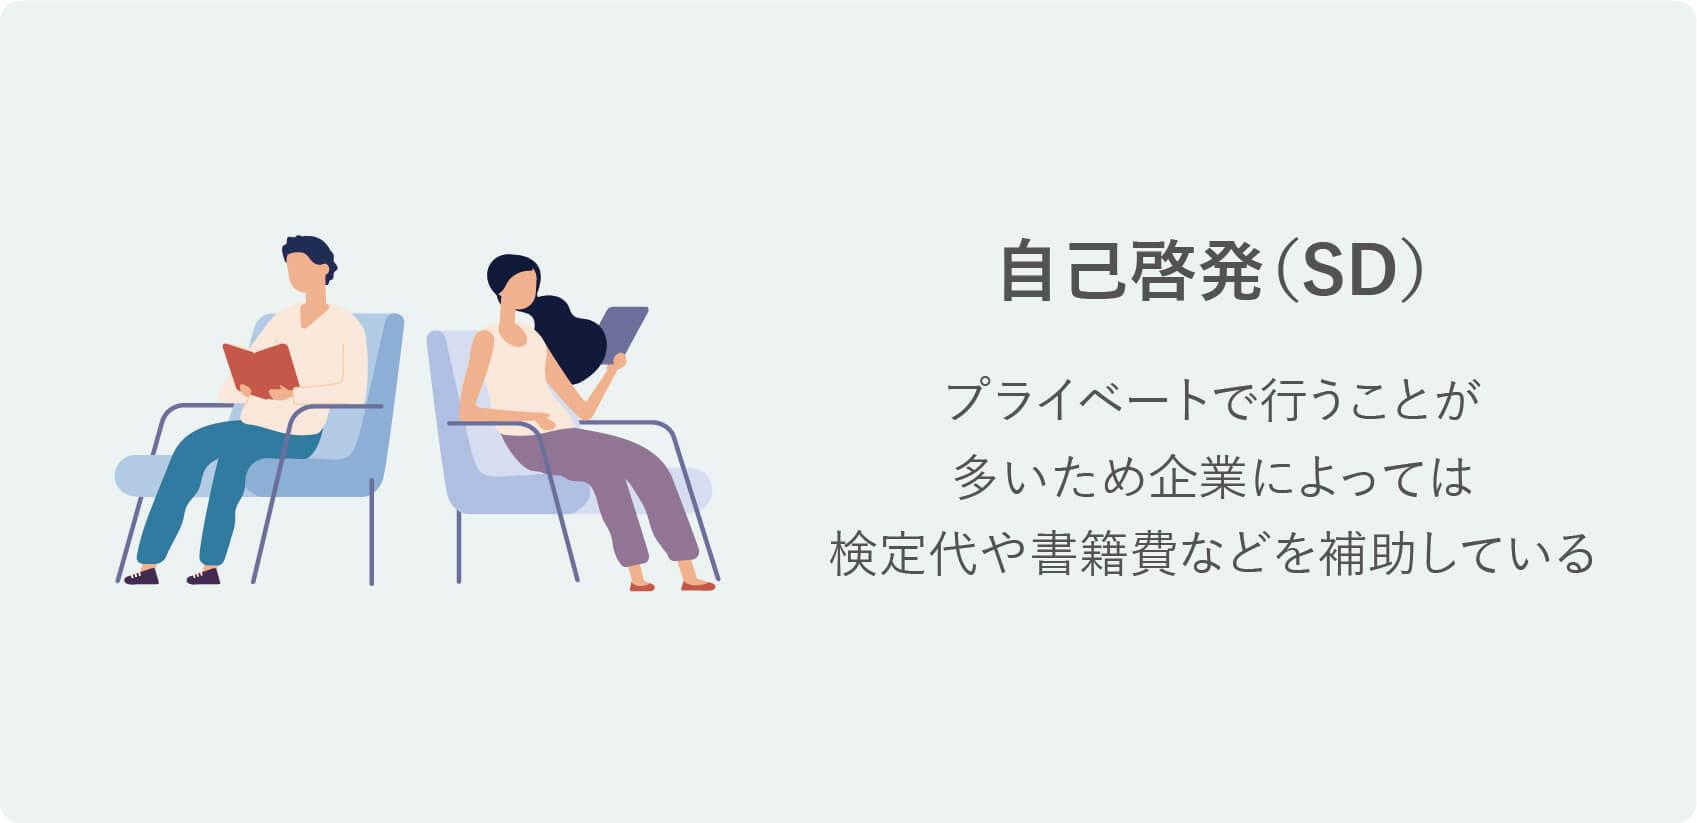 研修の種類|自己啓発(SD)